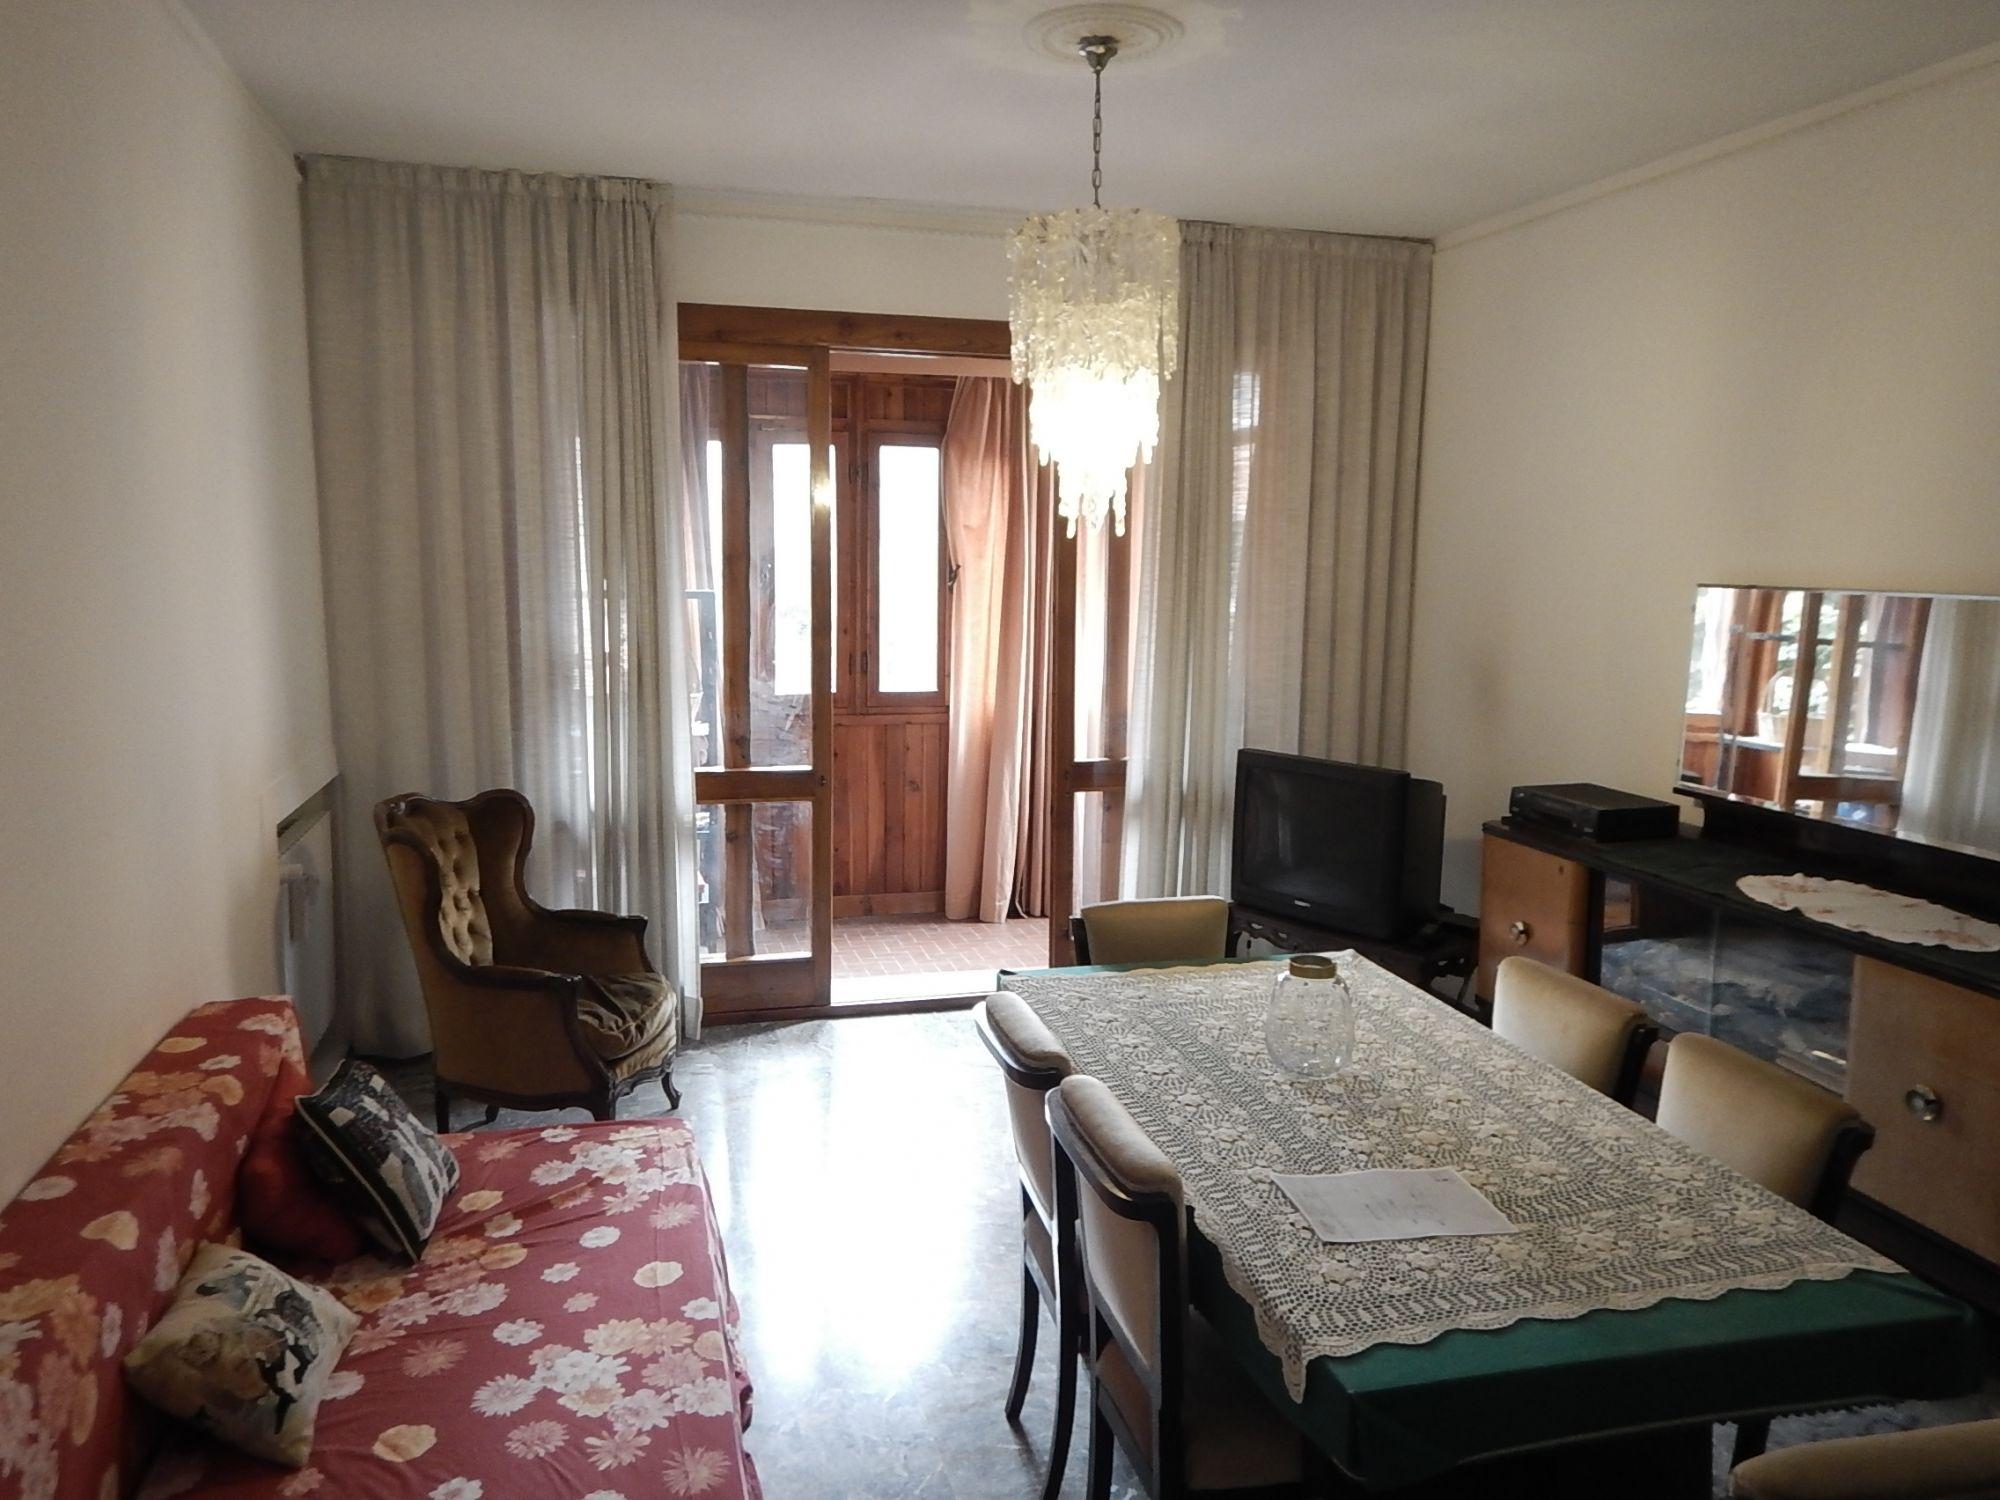 Appartamento in vendita zona centro storico progetto casa for Appartamento centro storico vicenza